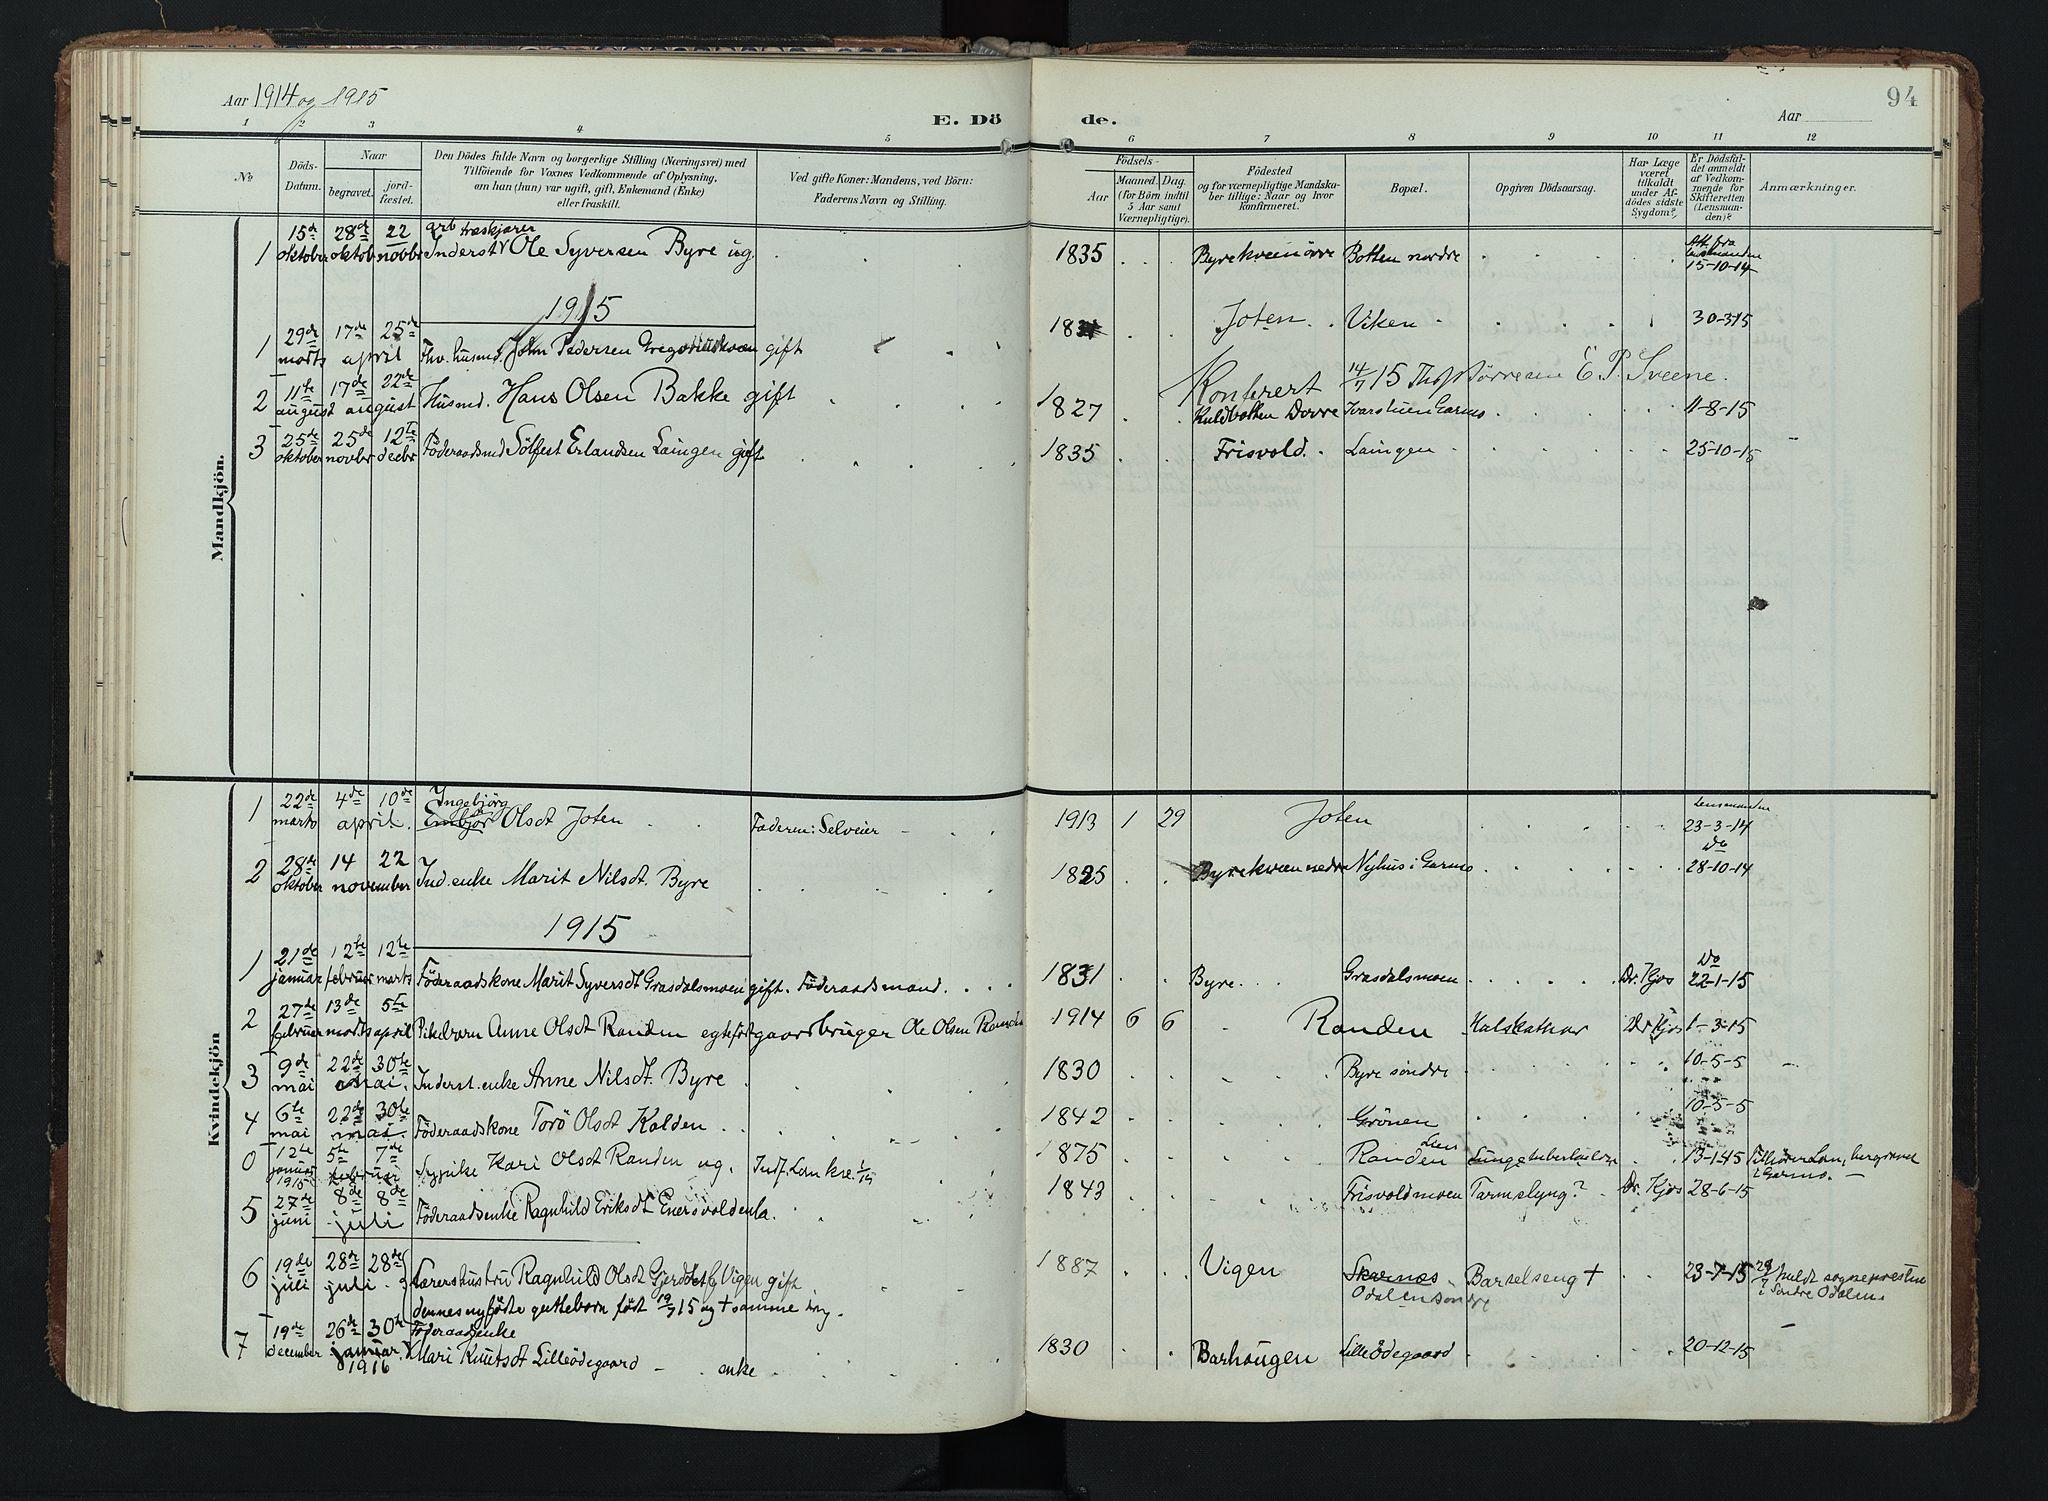 SAH, Lom prestekontor, K/L0011: Ministerialbok nr. 11, 1904-1928, s. 94